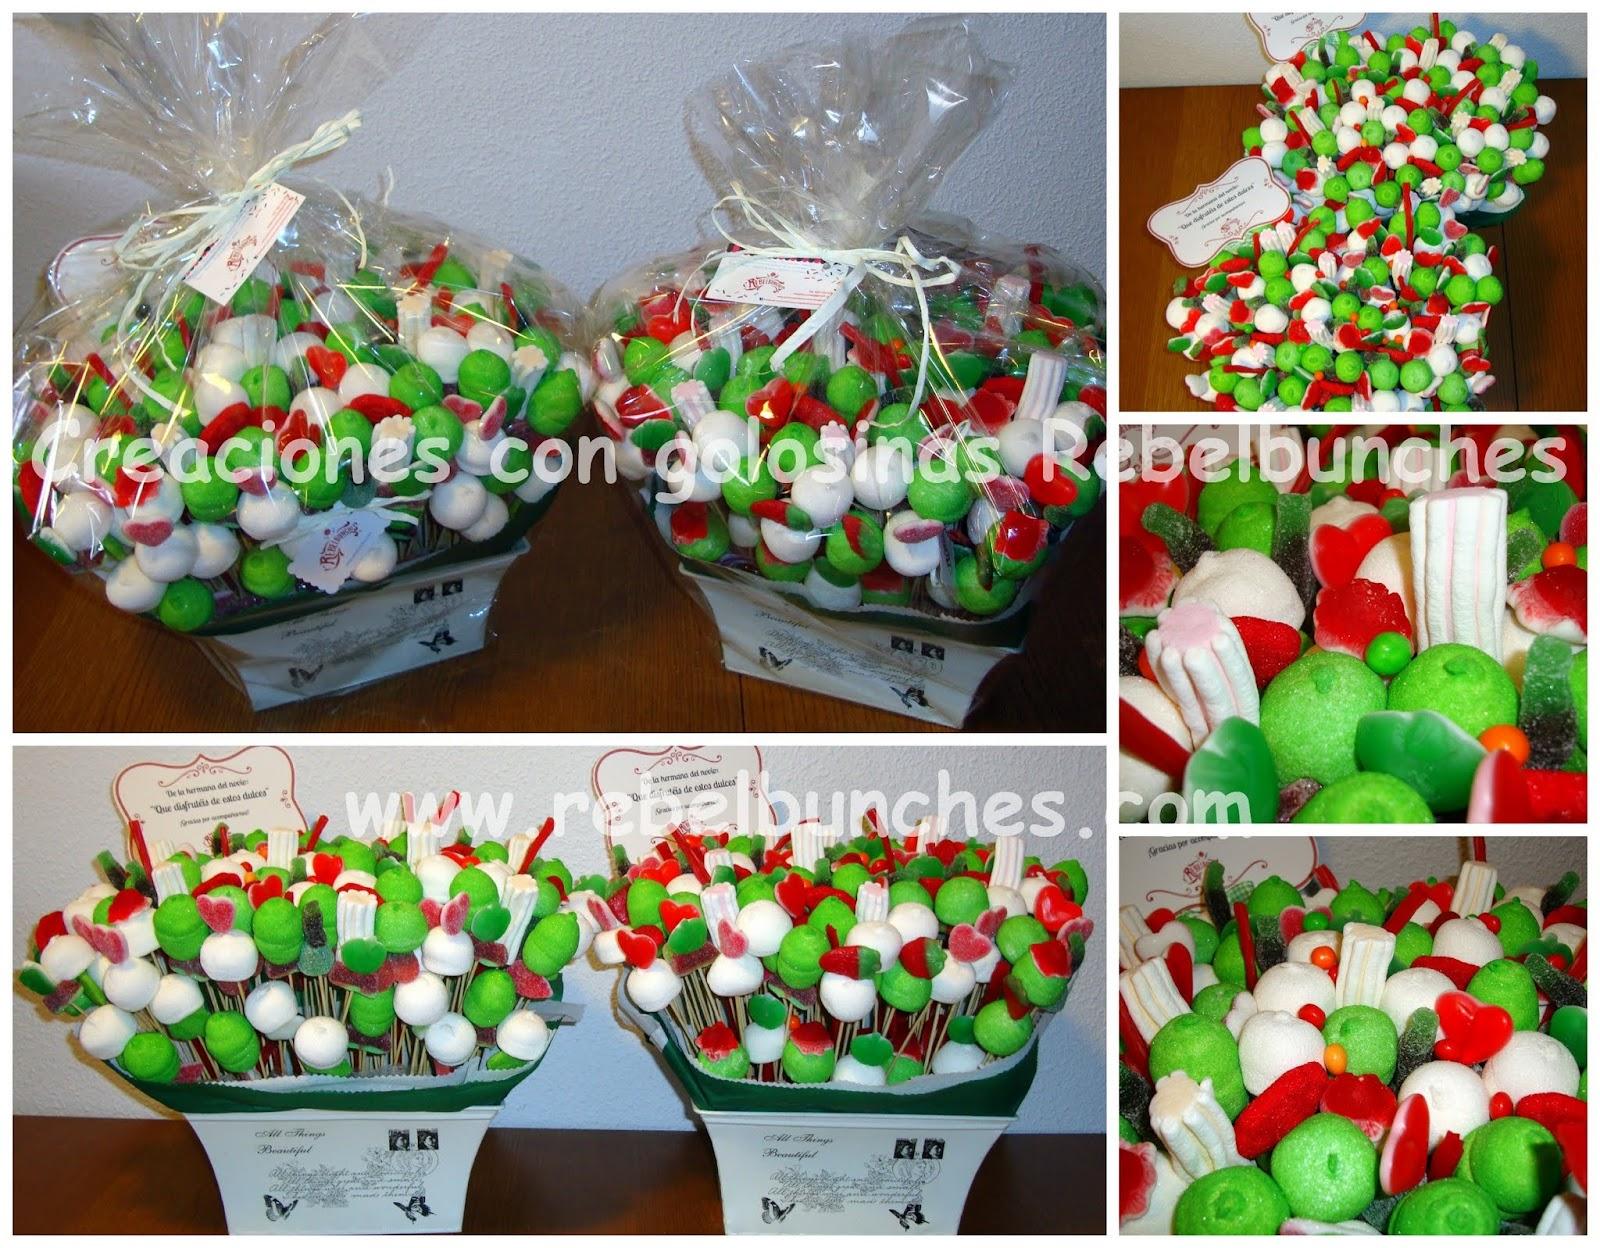 Z22+-+Centros+verdes%252C+rojos+y+blancos.jpg